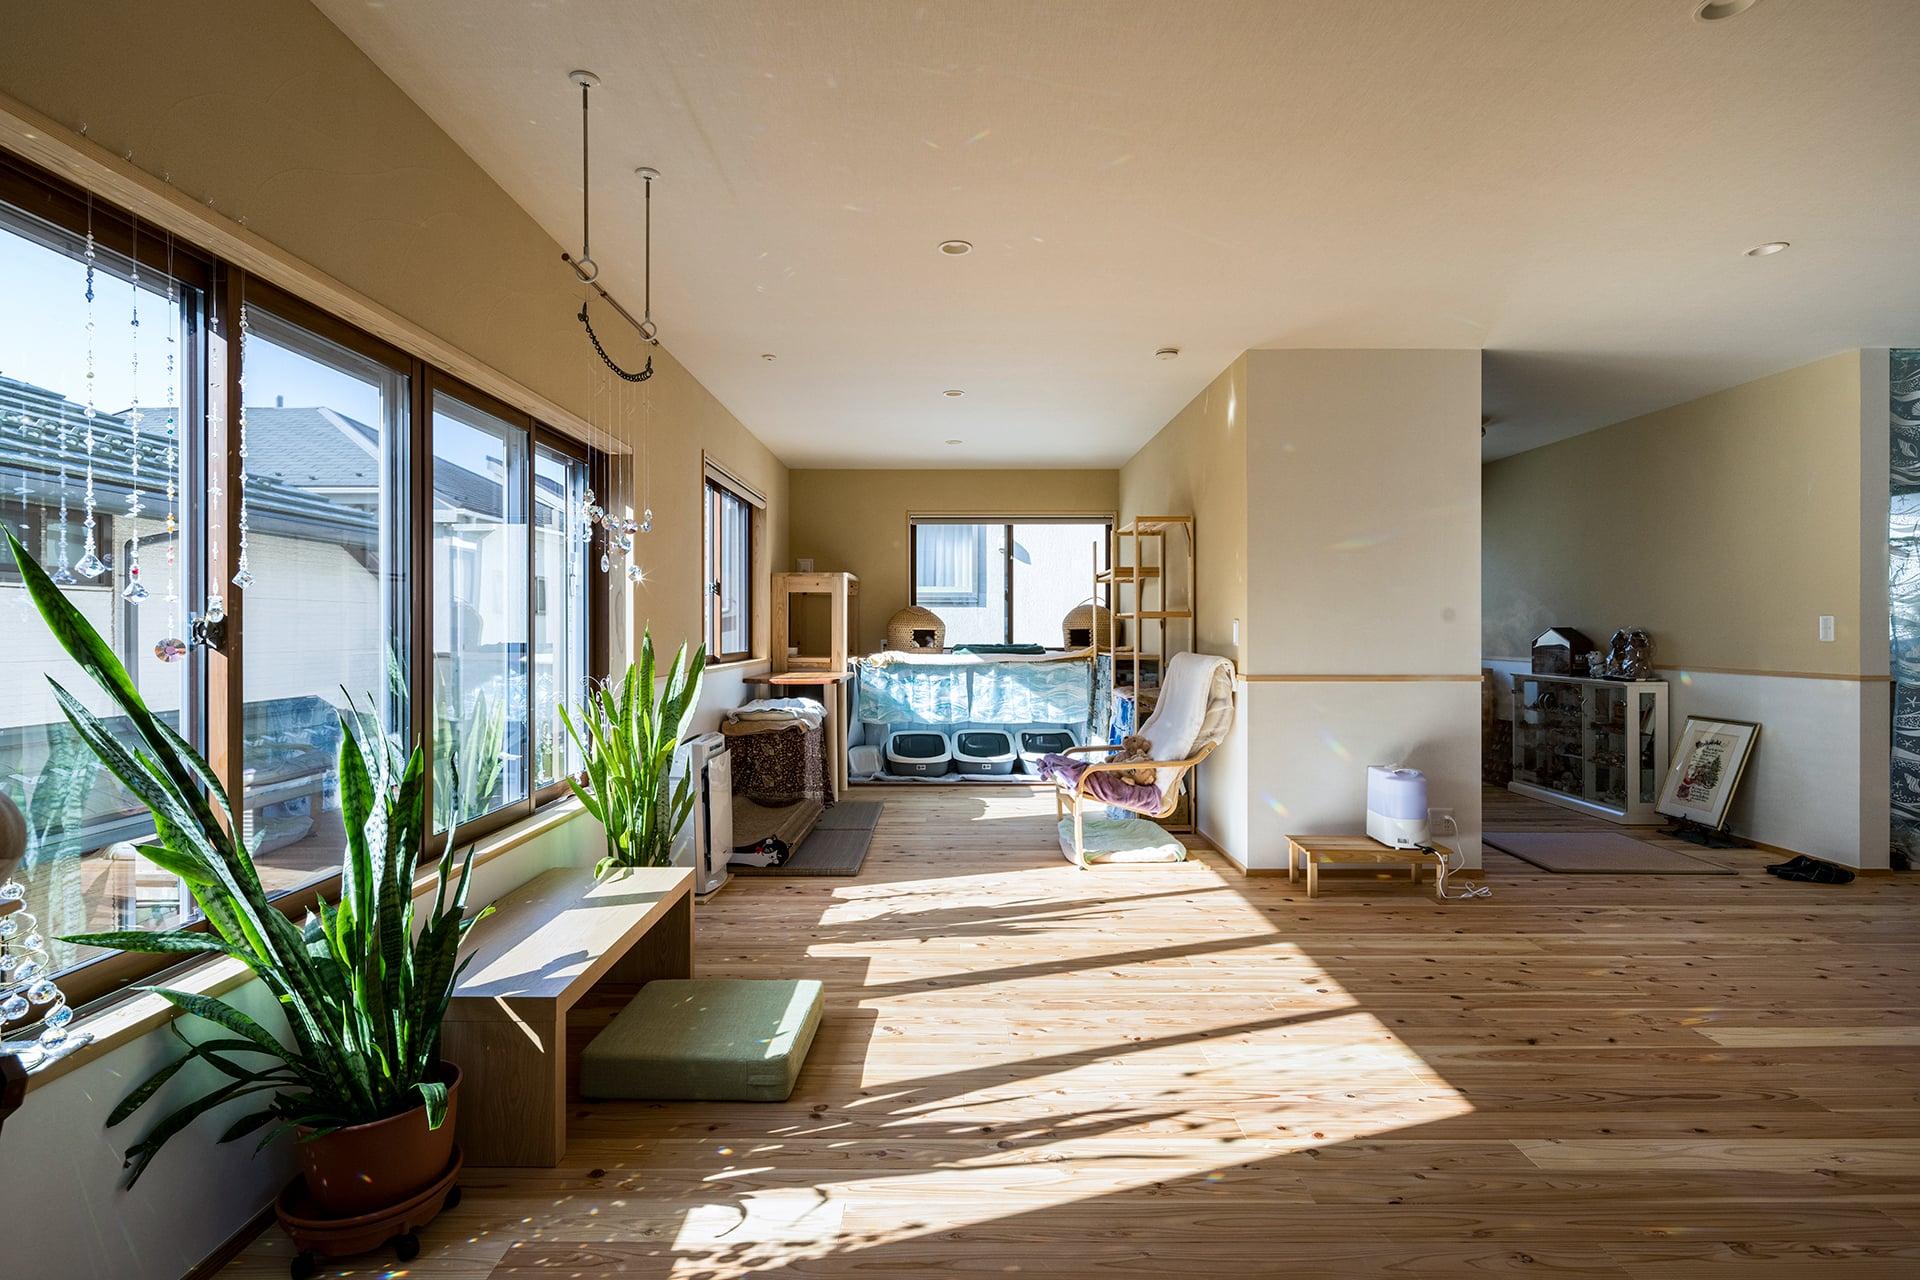 猫ちゃんとのびのび暮らす木の家 | こだわりの自然素材・天然素材の注文住宅・リノベーション(フルリフォーム)の駿河屋